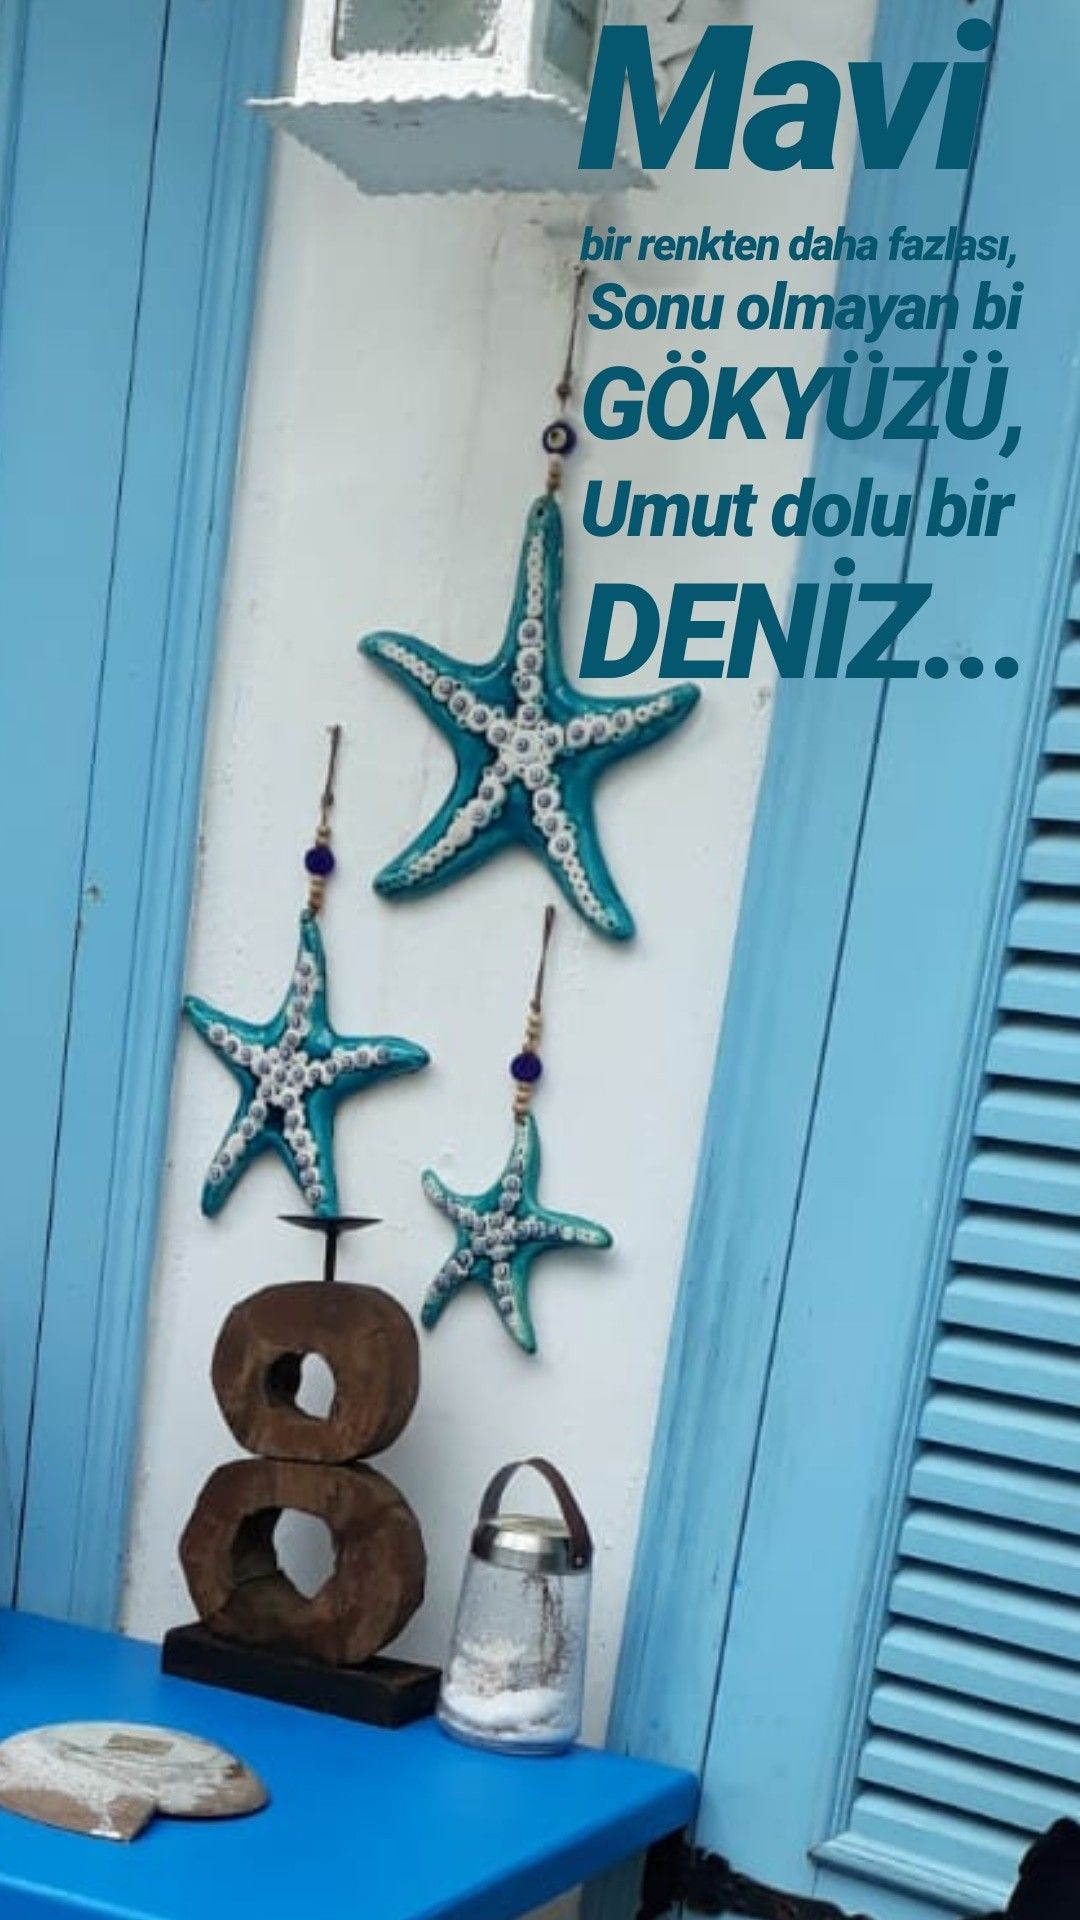 Turk Kizi Adli Kullanicinin Sozler Panosundaki Pin Mavi Mavi Sozleri Guzel Soz